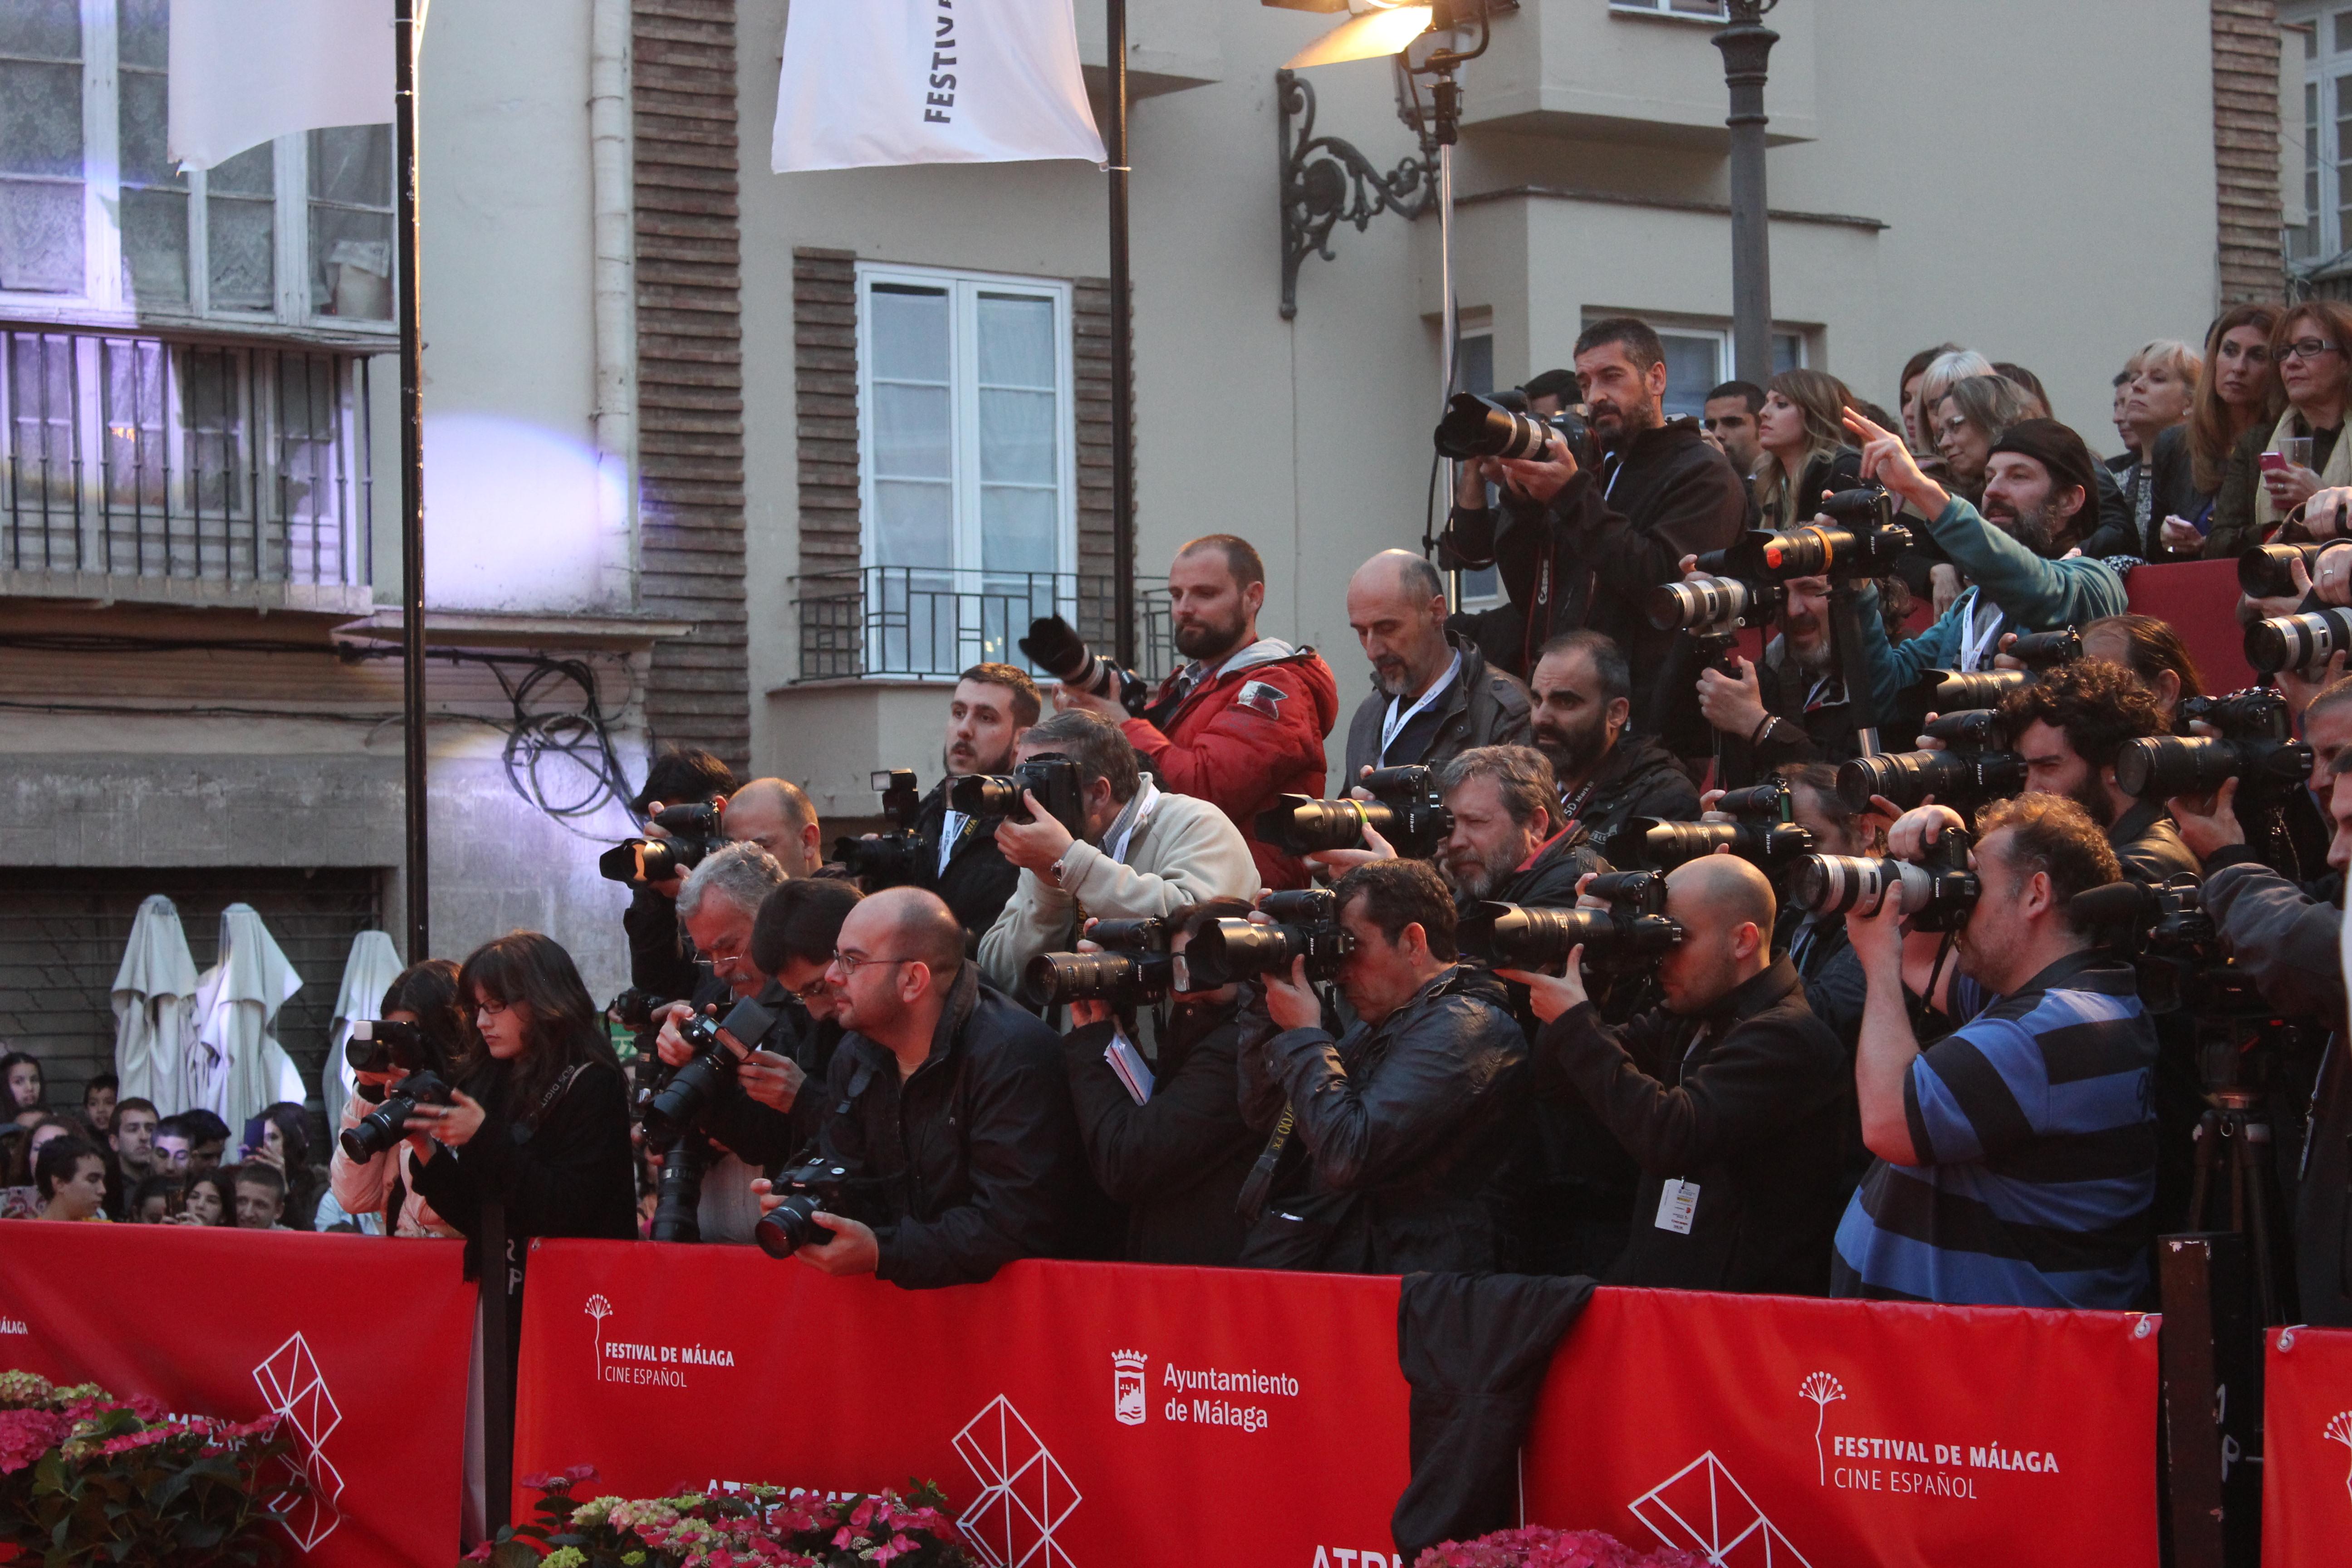 Una pena, este año no acudieron fotógrafos a el Festival.